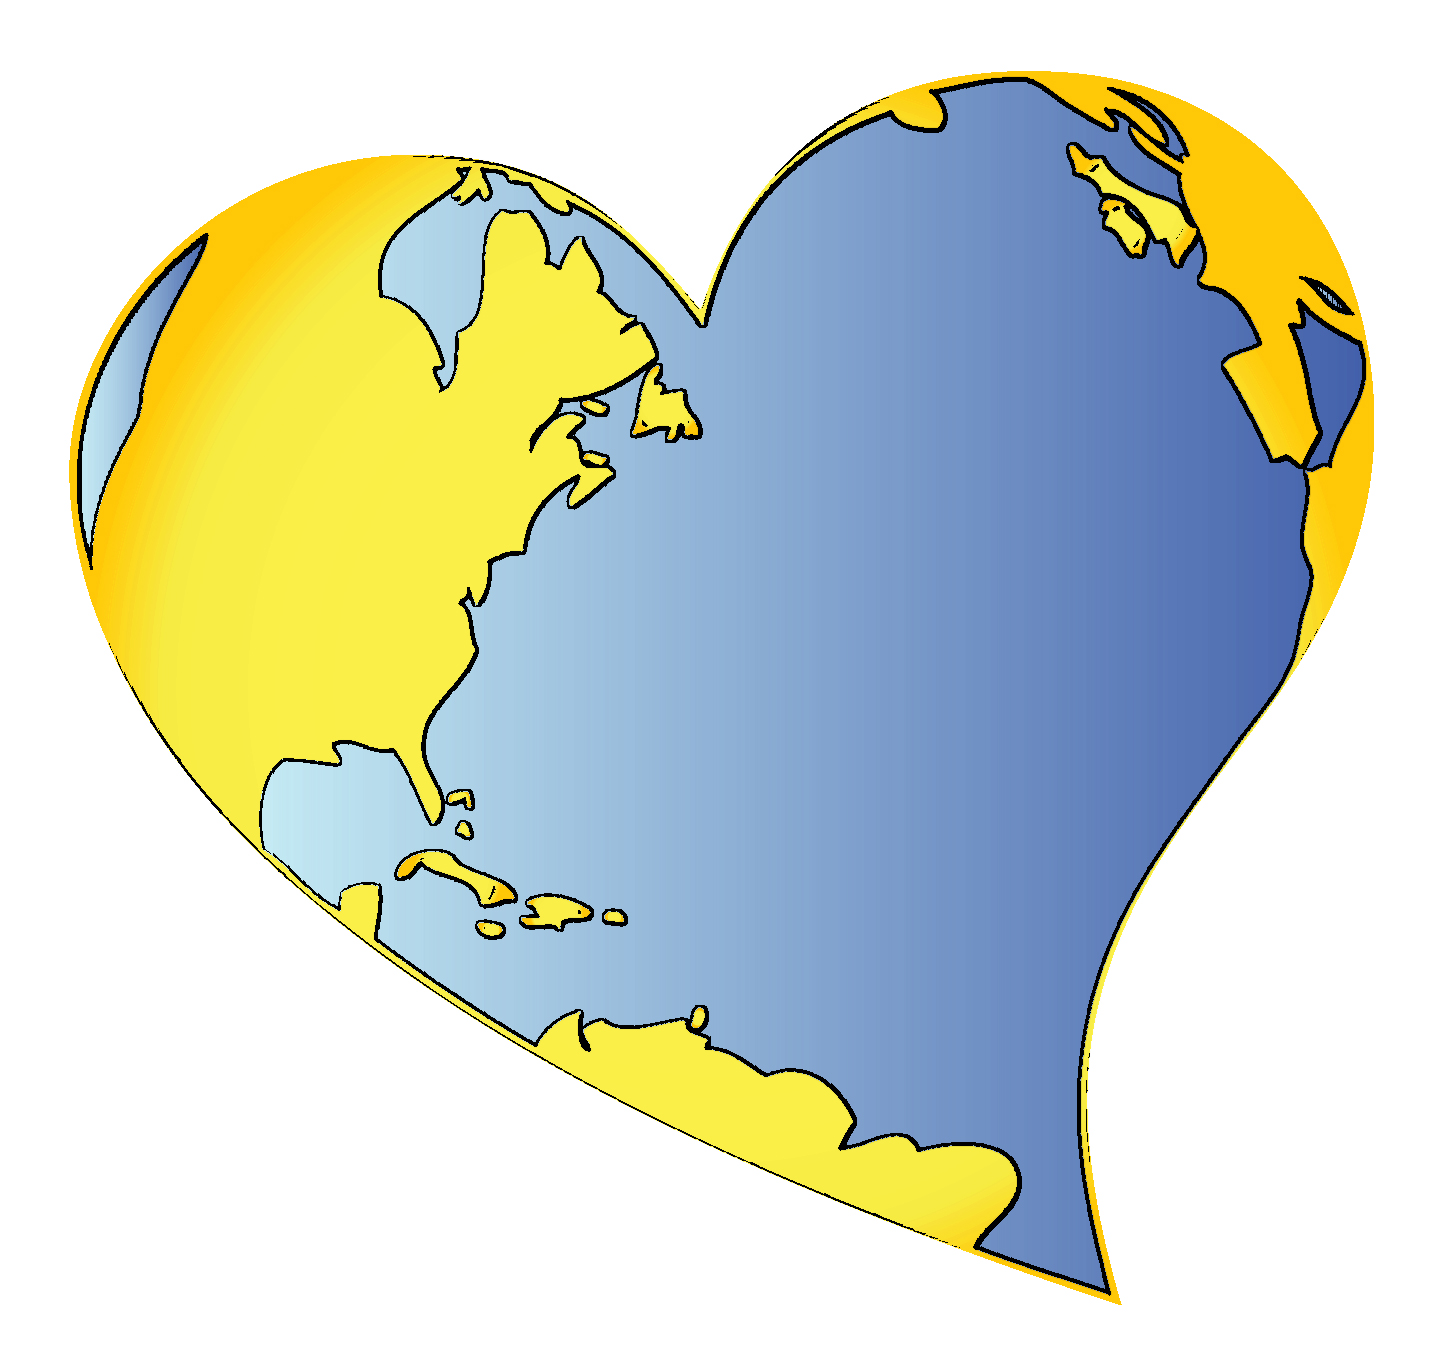 Heart-shaped clipart globe #3